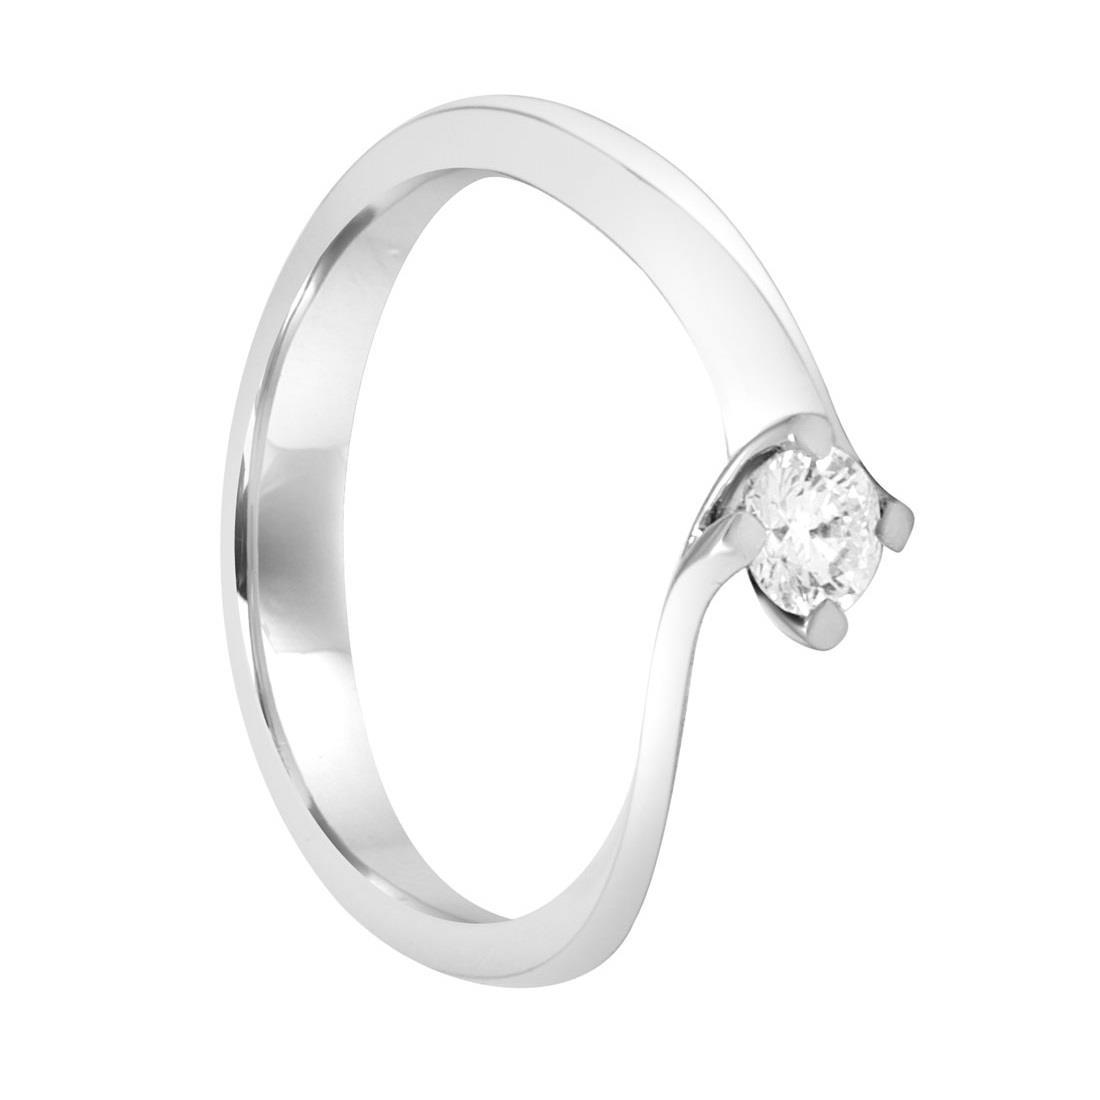 gamma esclusiva ultimi progetti diversificati ultimi progetti diversificati Anello diamante nero vendo carati montatura - Cerca, compra ...